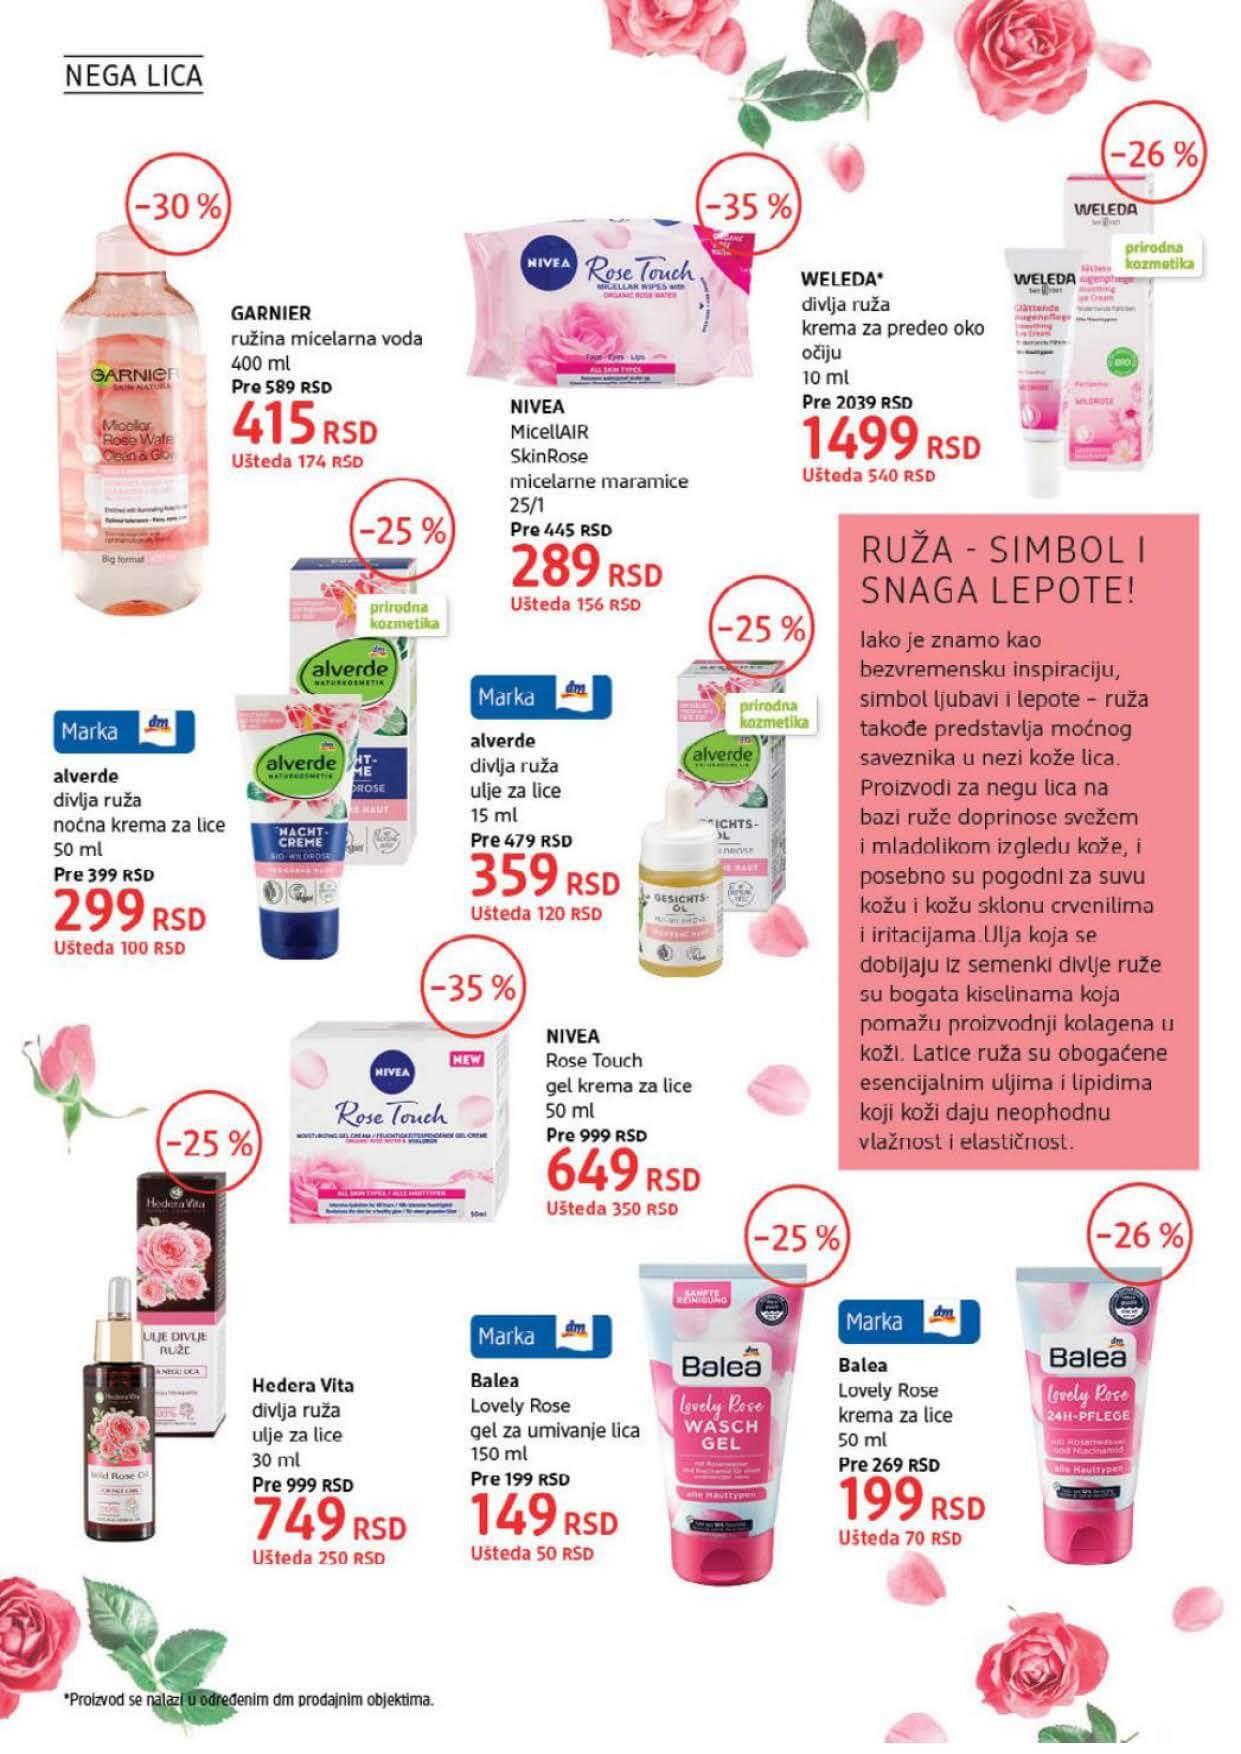 DM Katalog SRBIJA JUN 2021 01.06.2021. 30.06.2021. eKatalozi.com PR Page 16